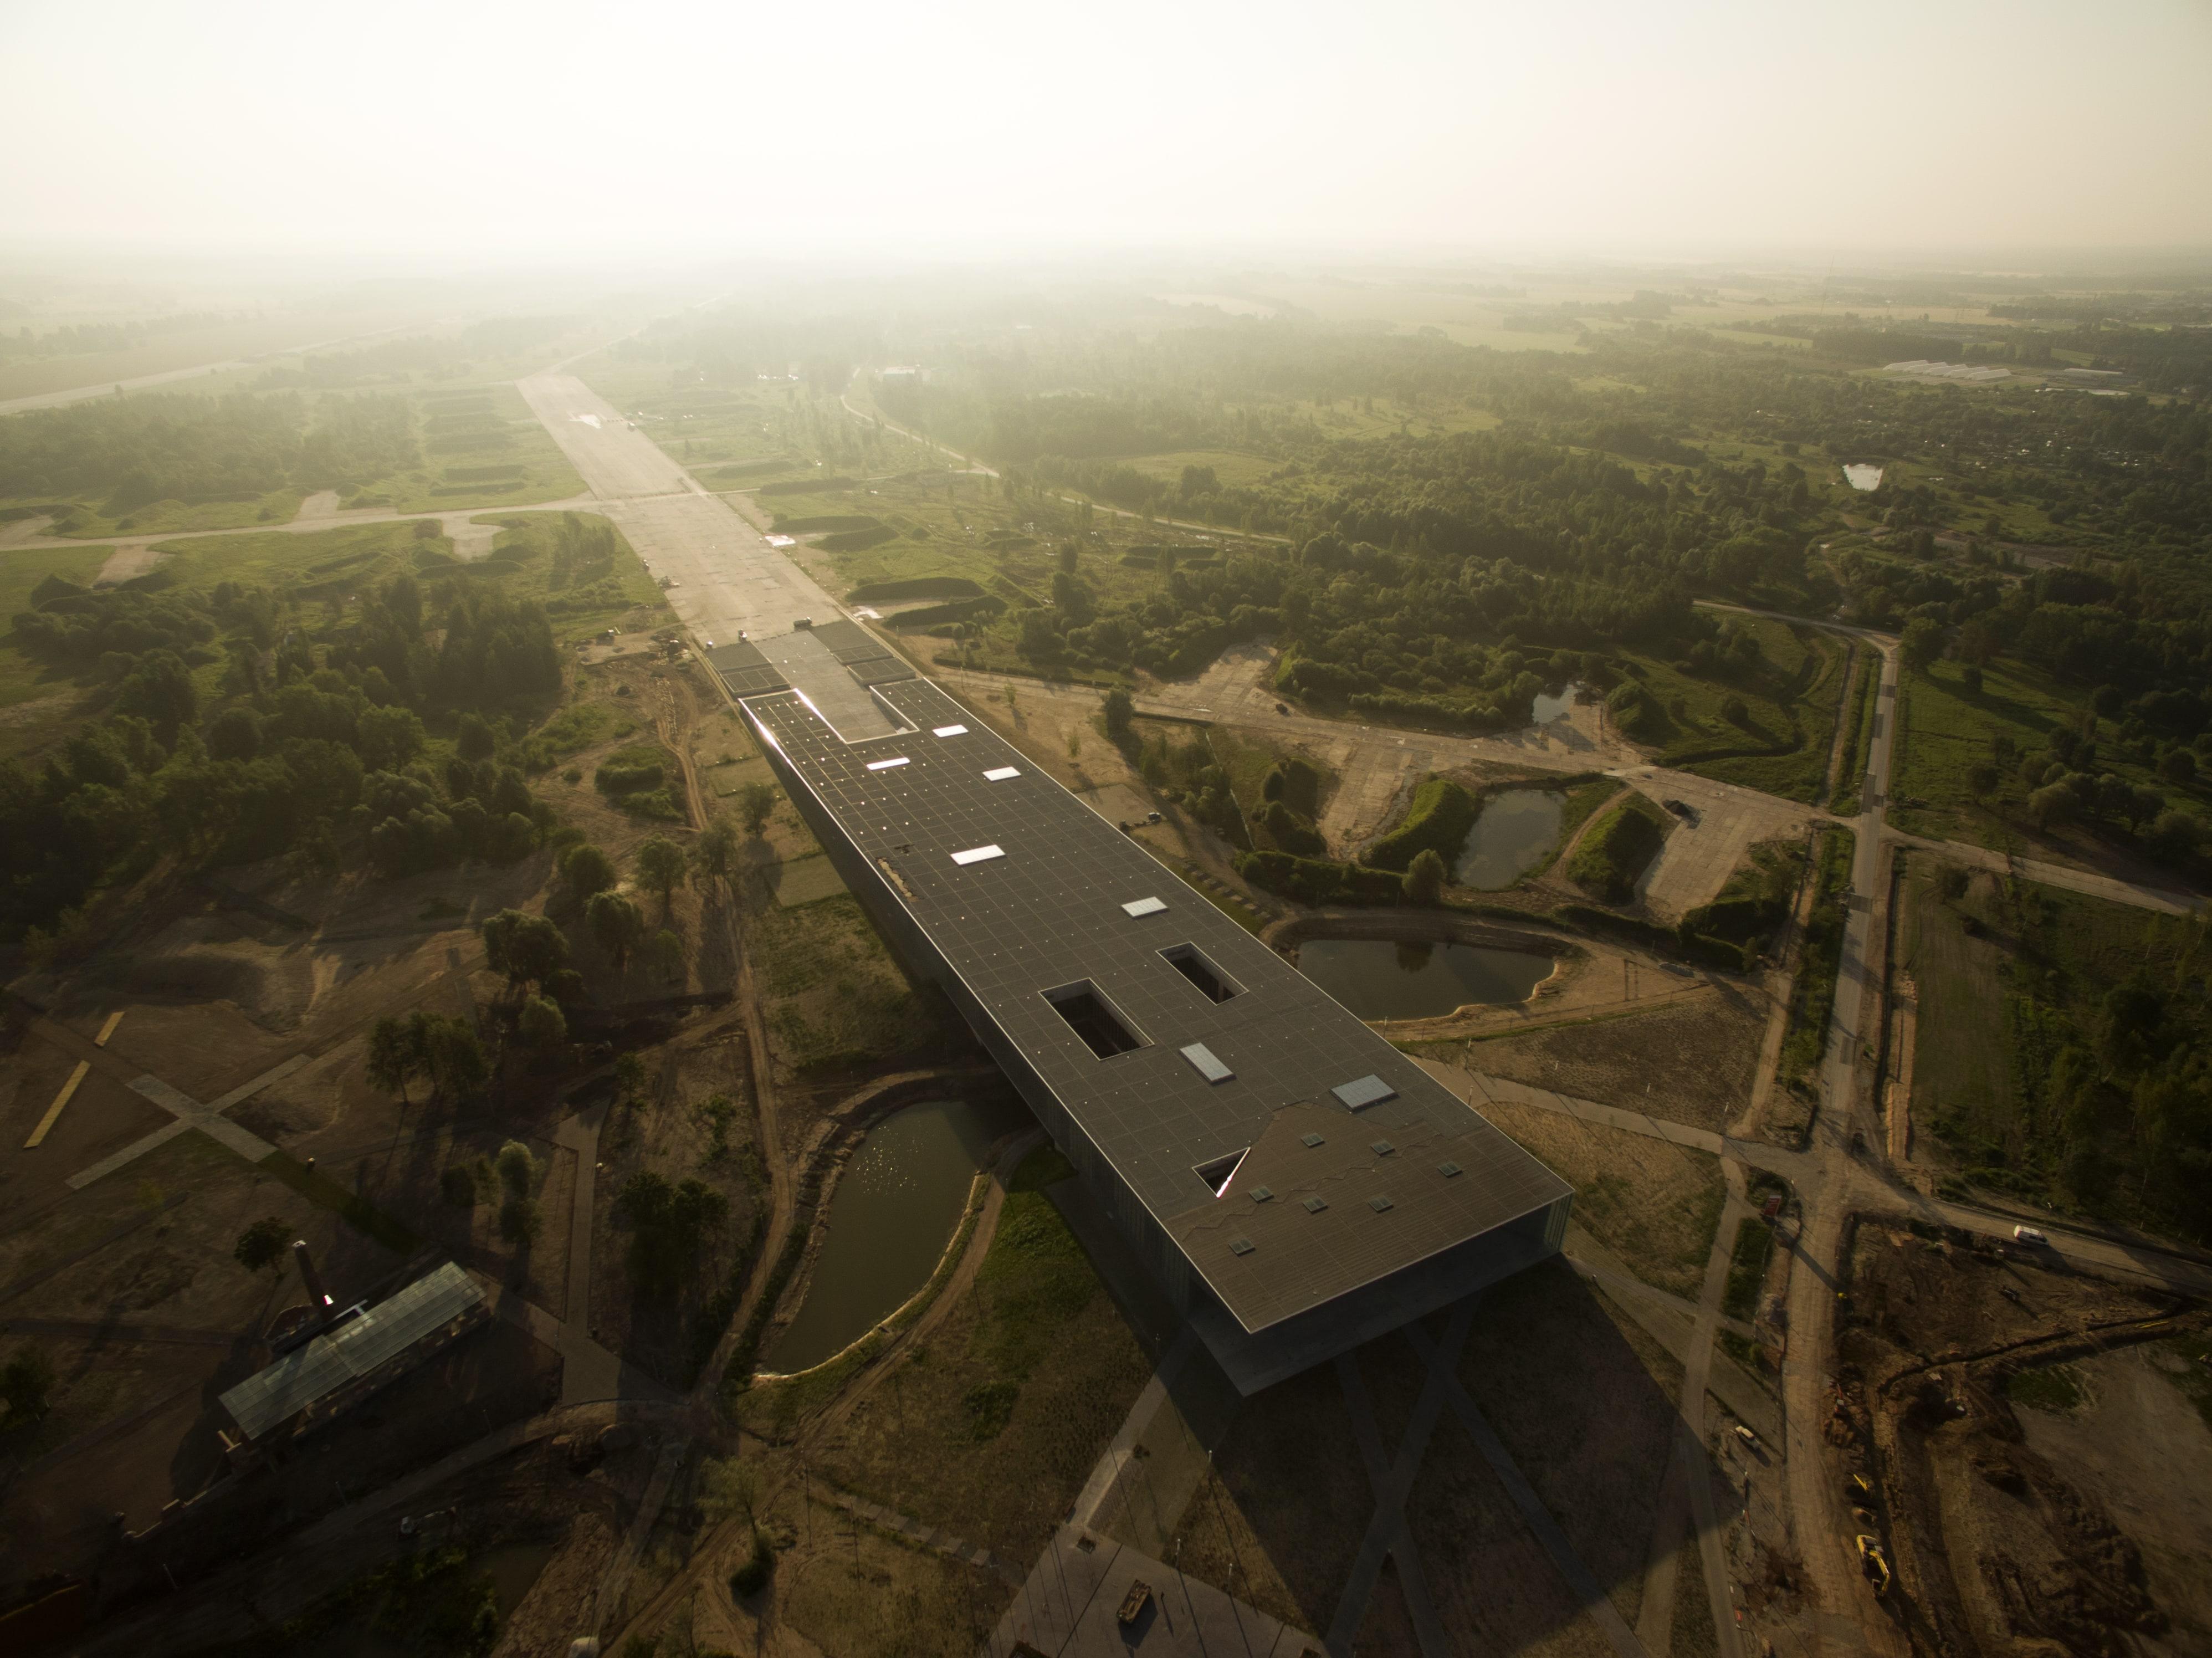 Eesti Rahva Muuseumi uus hoone linnulennult. Foto: Tiit Sild (katus.eu)